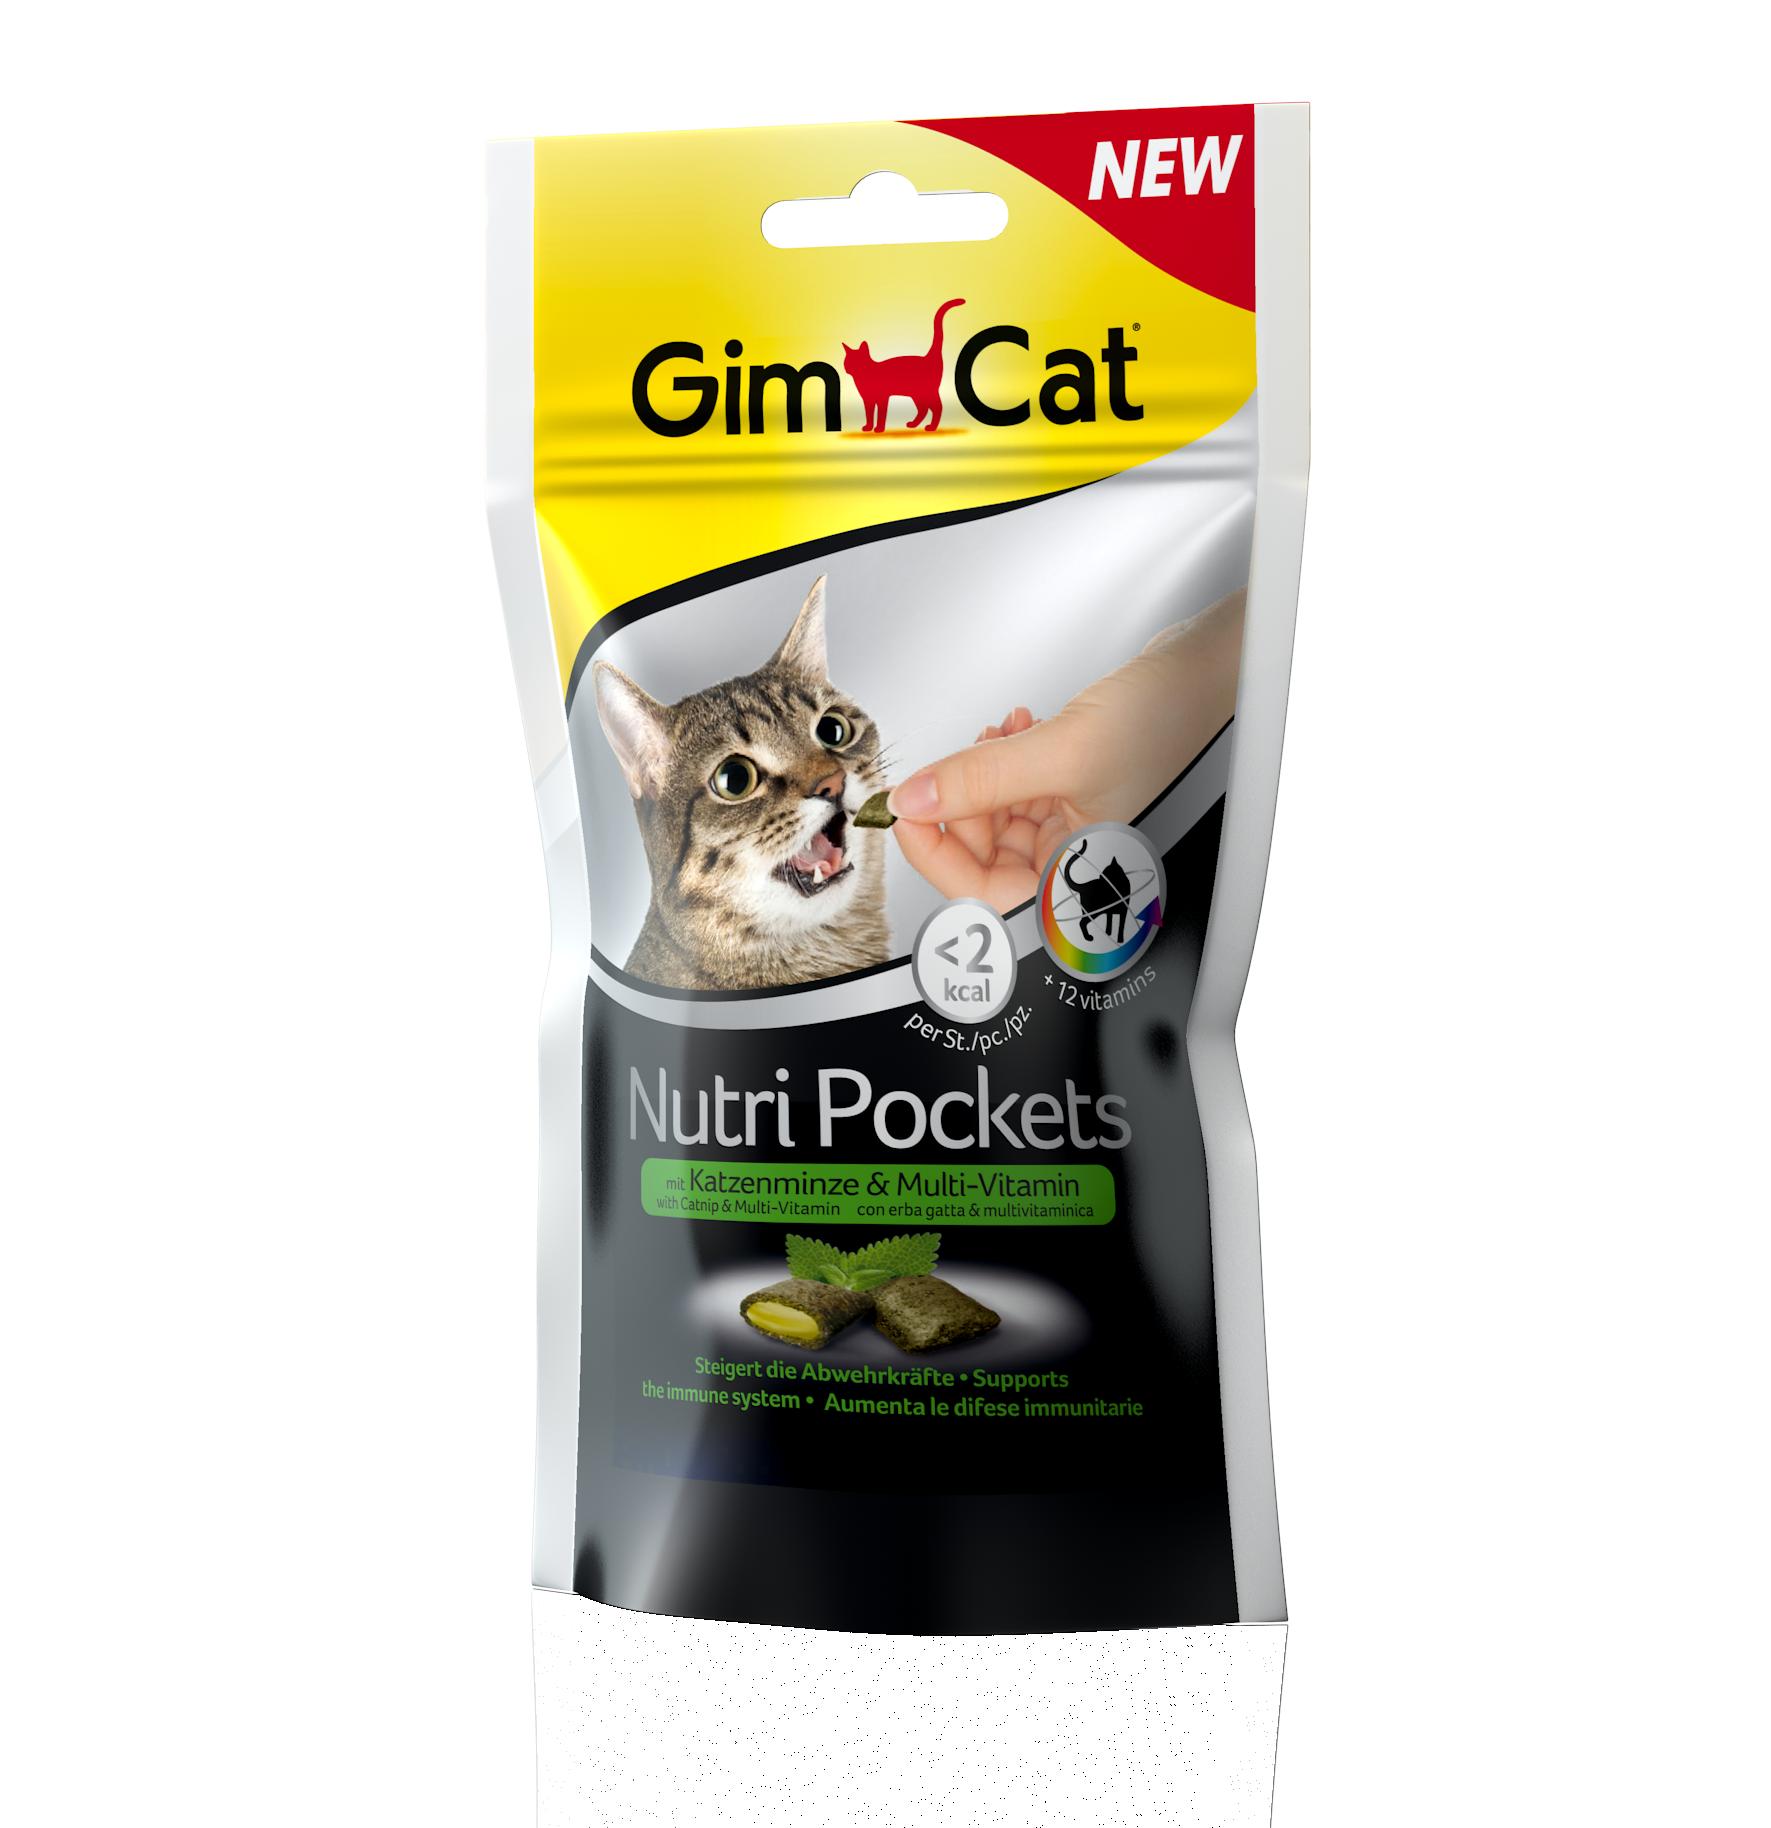 Fotografie GimCat Nutri Pockets šanta a multivitamínová pasta 60g GIMBORN